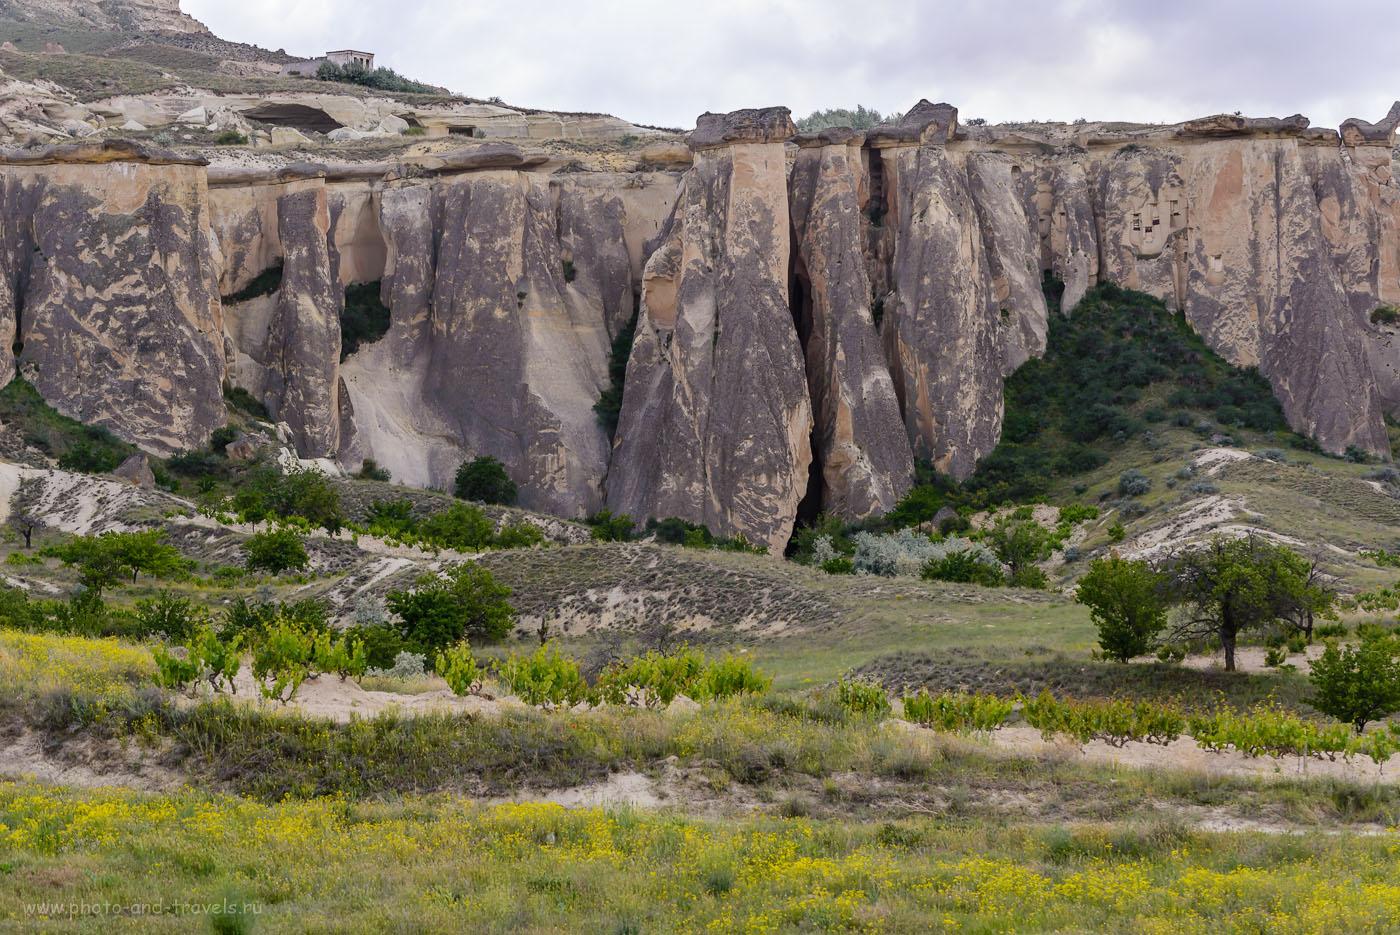 Фото 22. Как образовались необычные скалы в Каппадокии. Виды по пути из Пашабага в деревню Чавушин. 1/320, 8.0, -0.67, 160, 100.